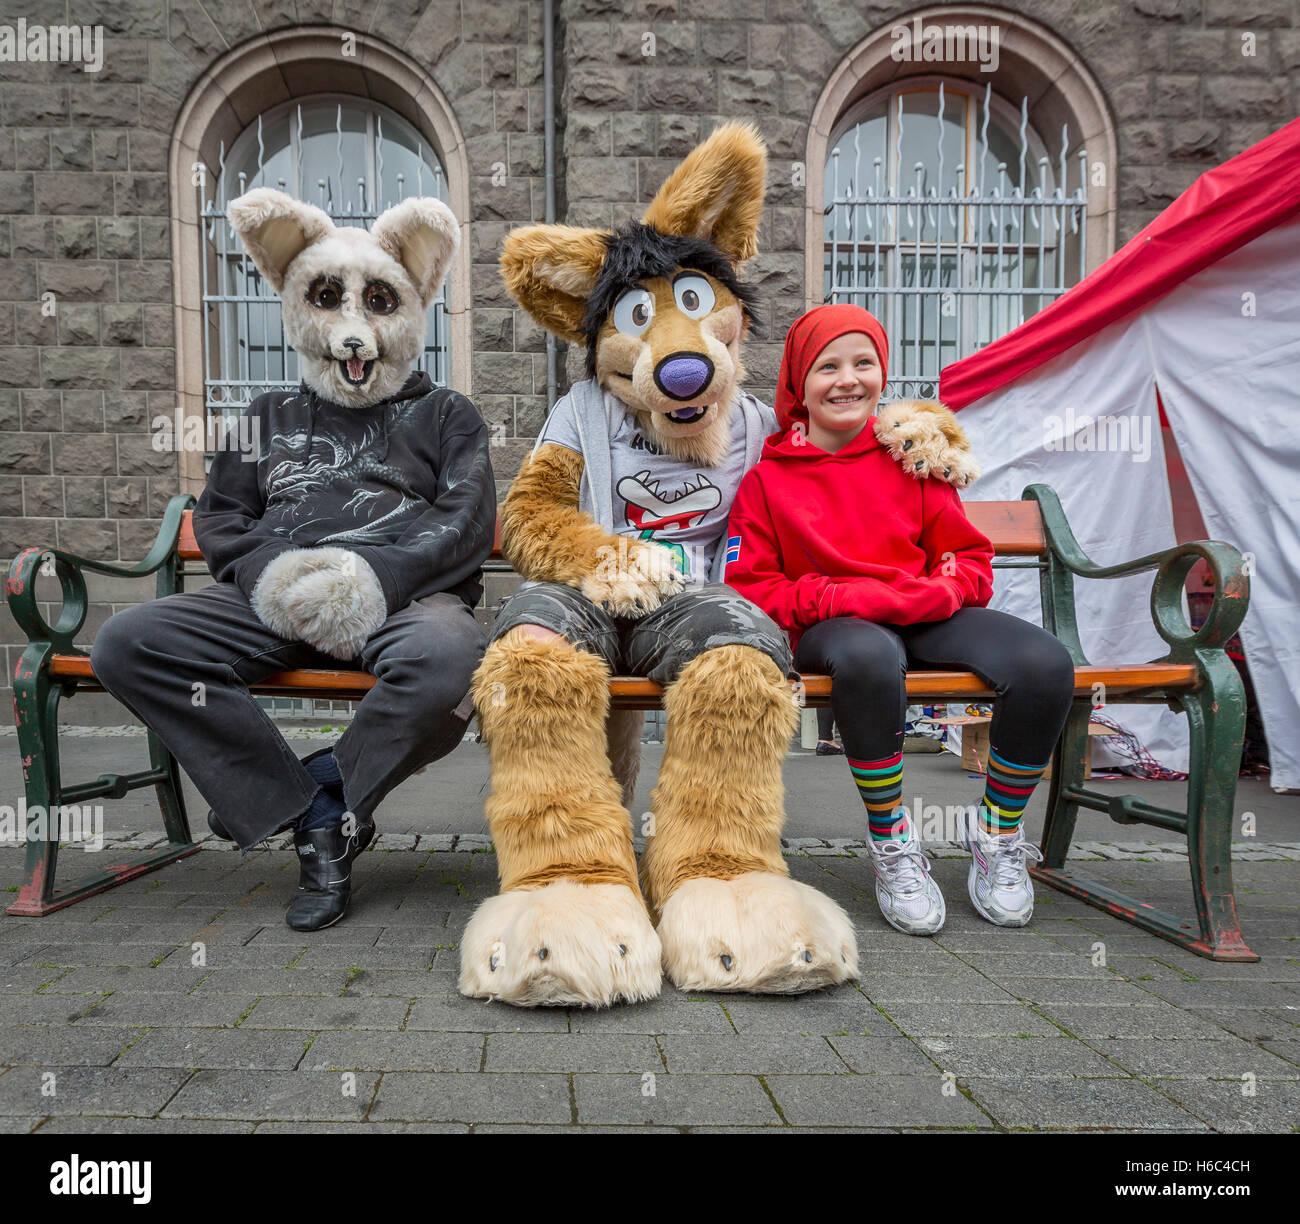 La gente joven con trajes de animales, el día de la independencia, Reykjavik, Iceland Imagen De Stock